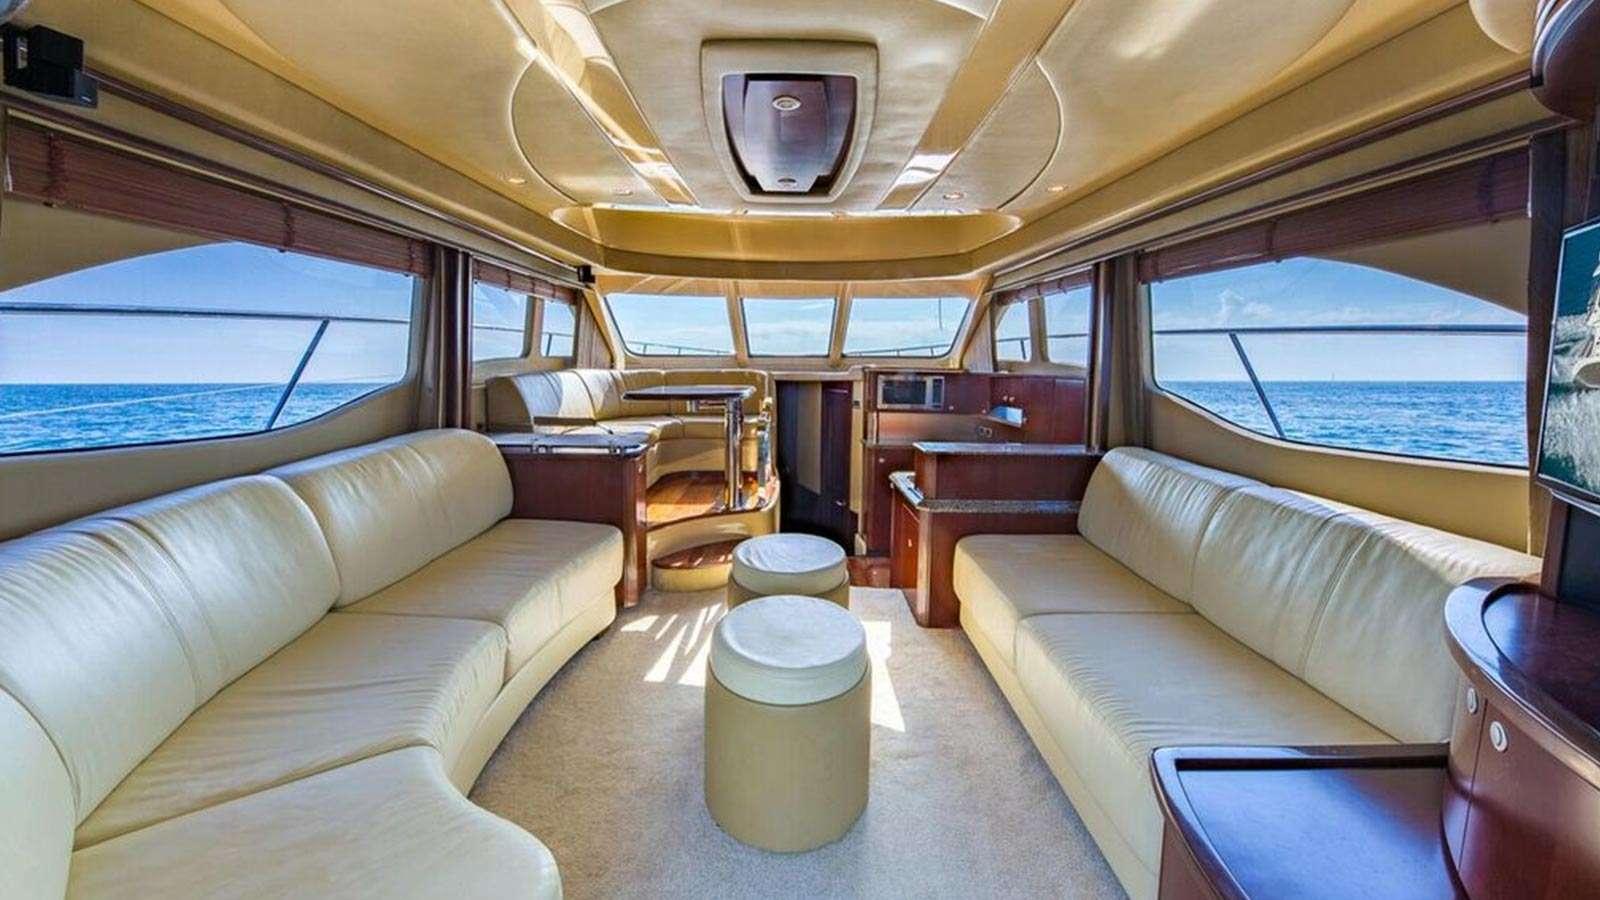 Private Boat Ride Miami Beach